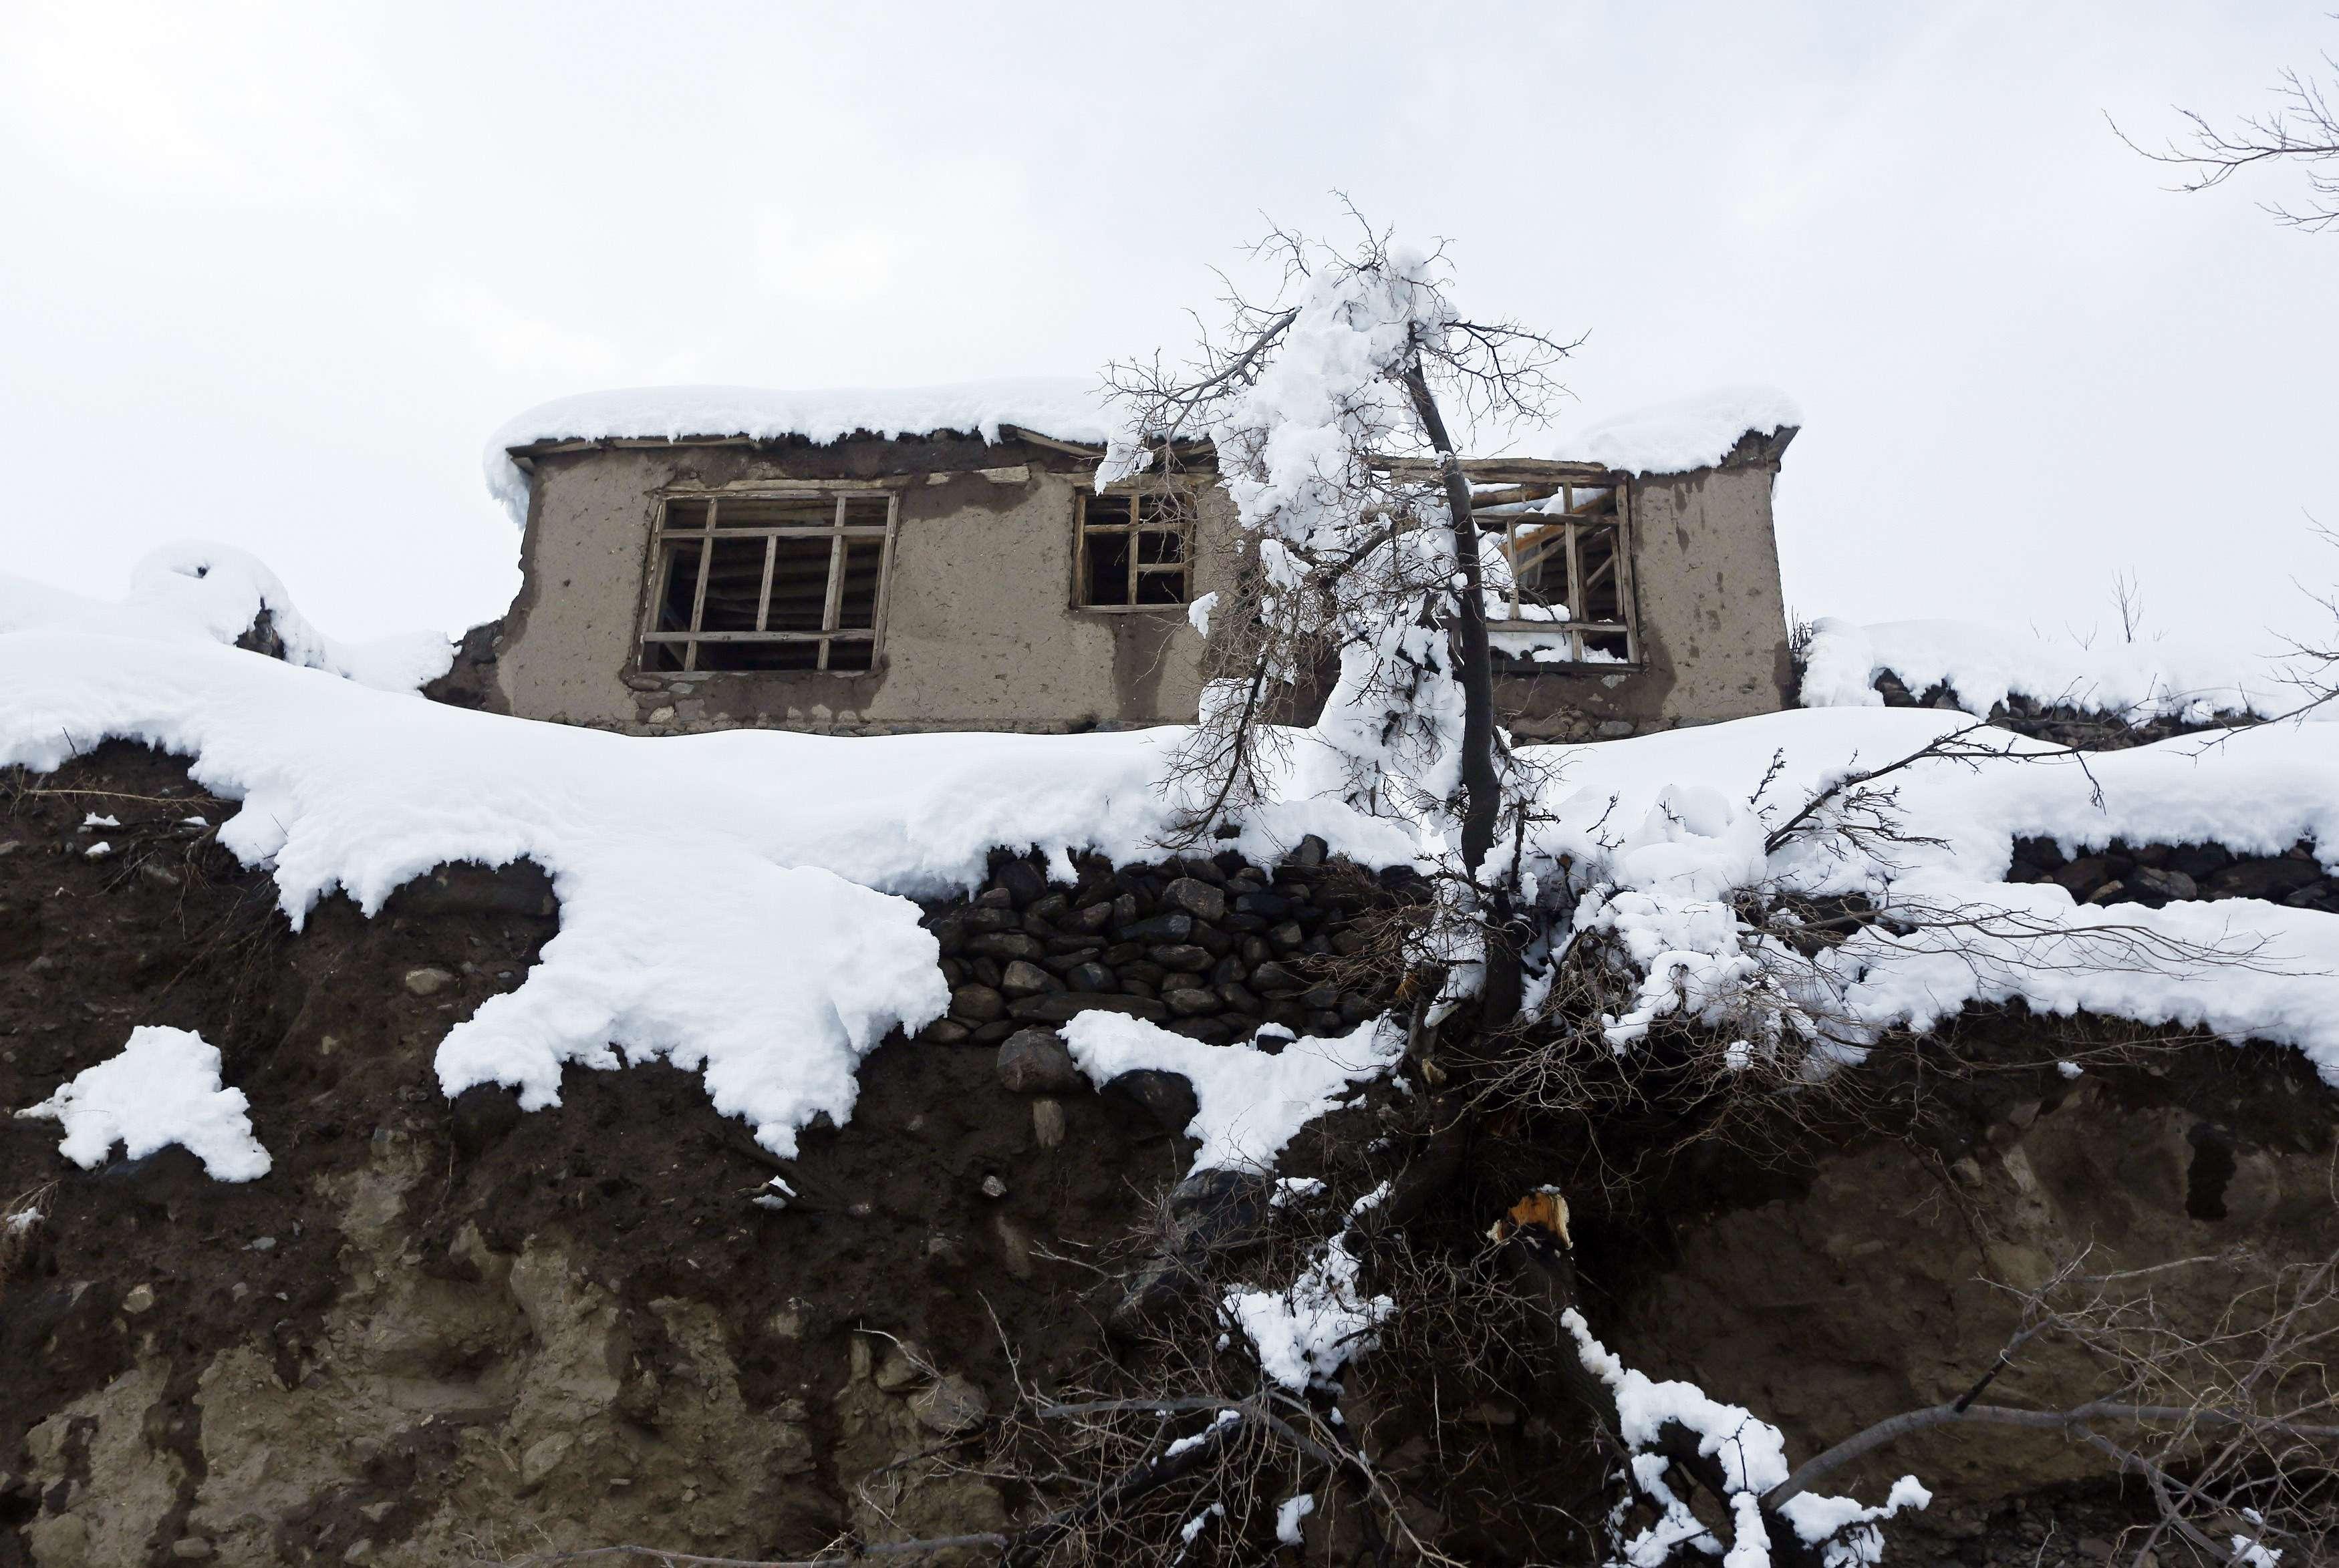 Una casa dañada por las nevadas en Afganistán Foto: Reuters